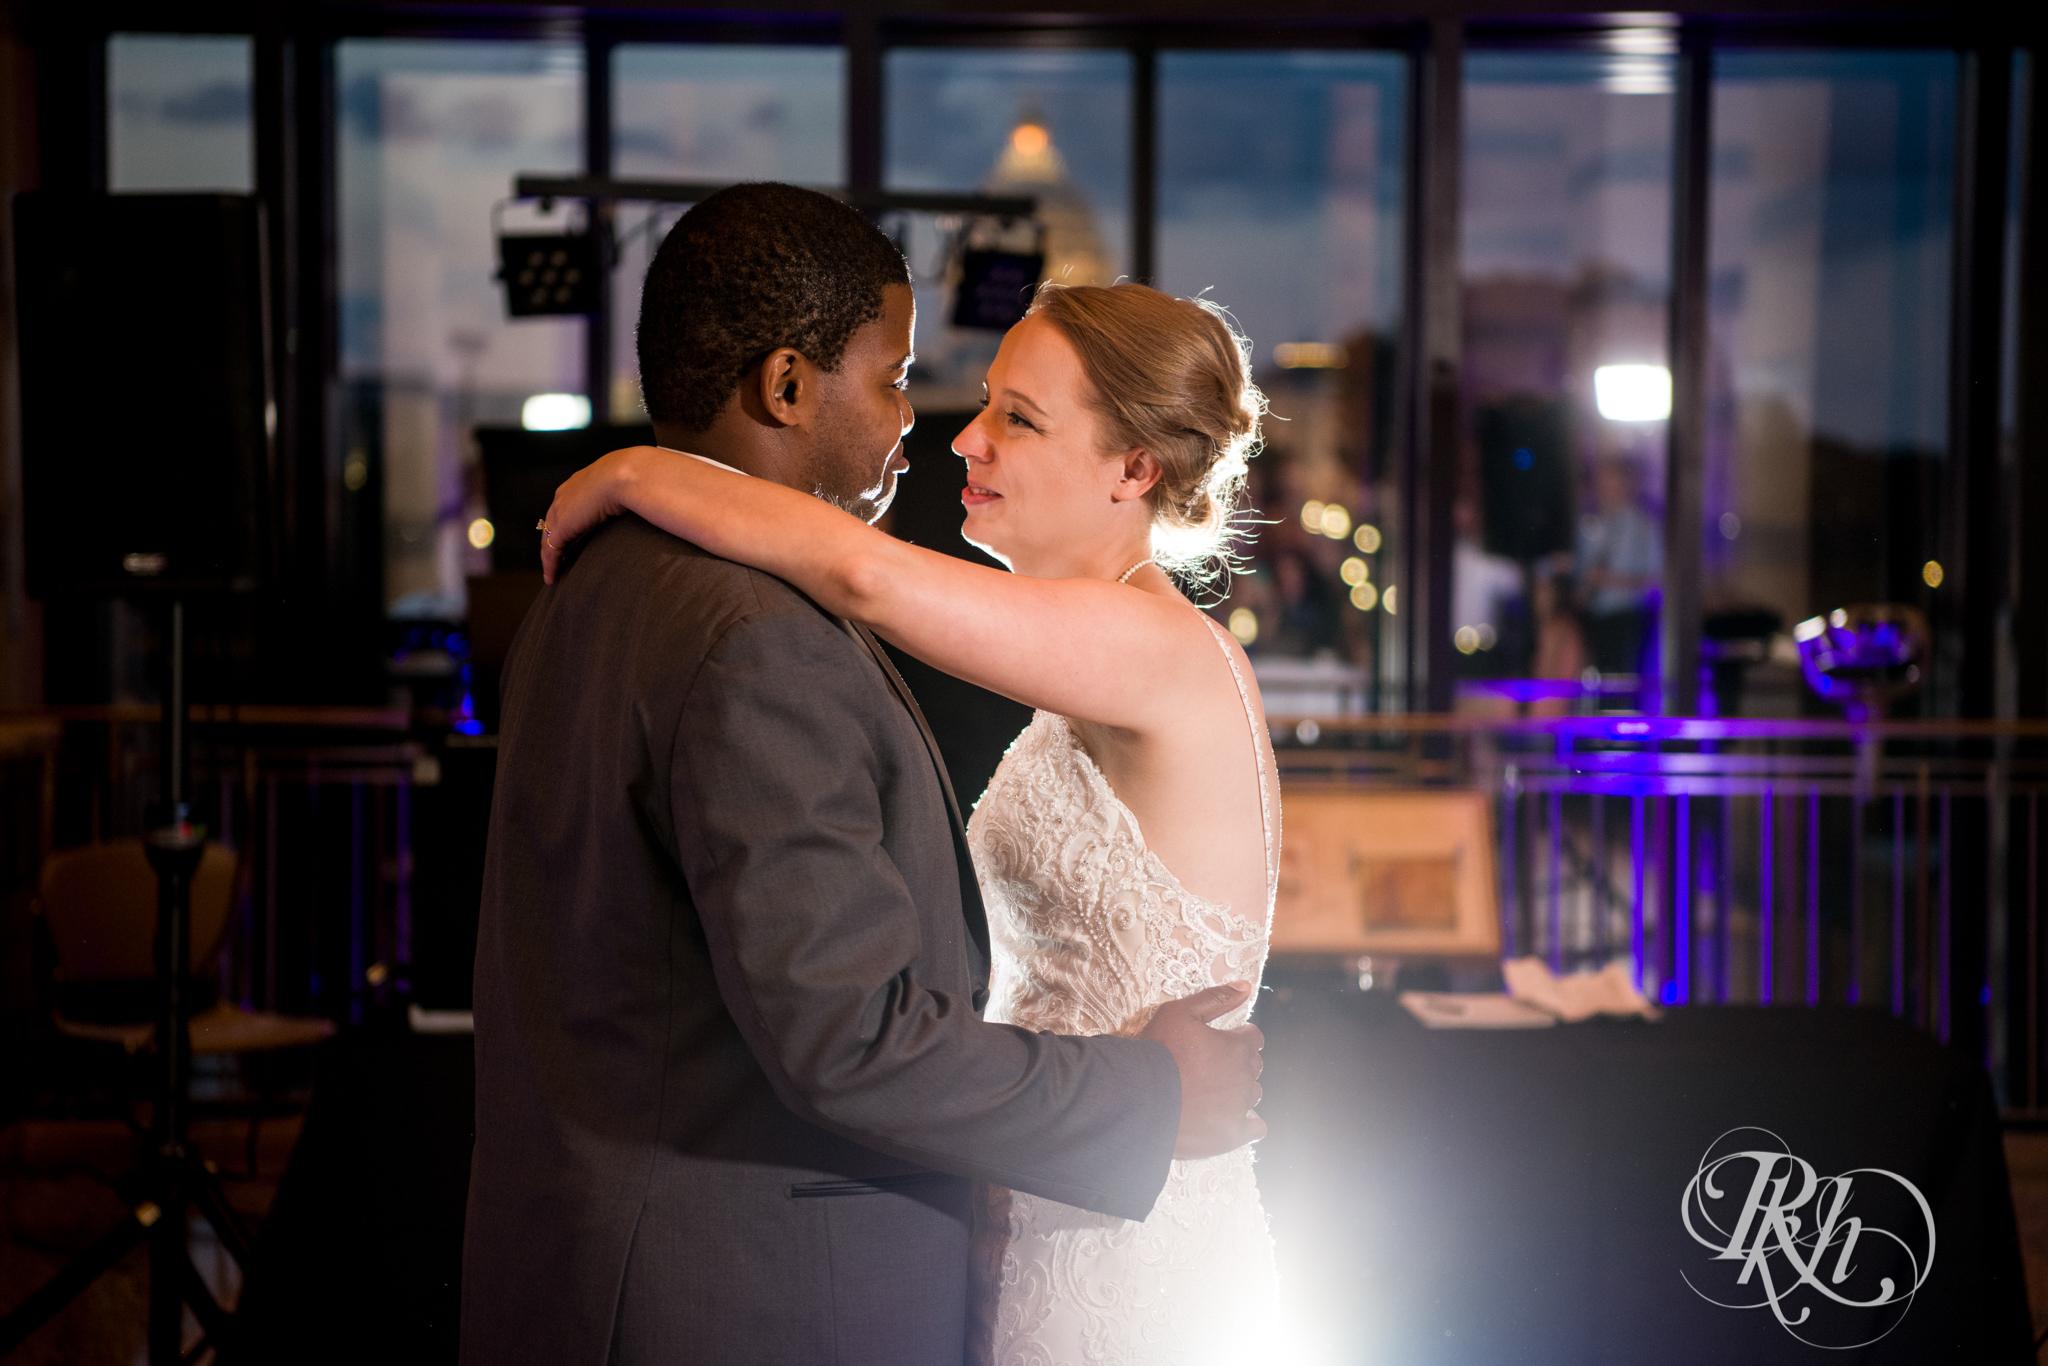 Laura and Adekunle - Minnesota Wedding Photographer - Minnesota History Center - RKH Images - Blog (68 of 75).jpg